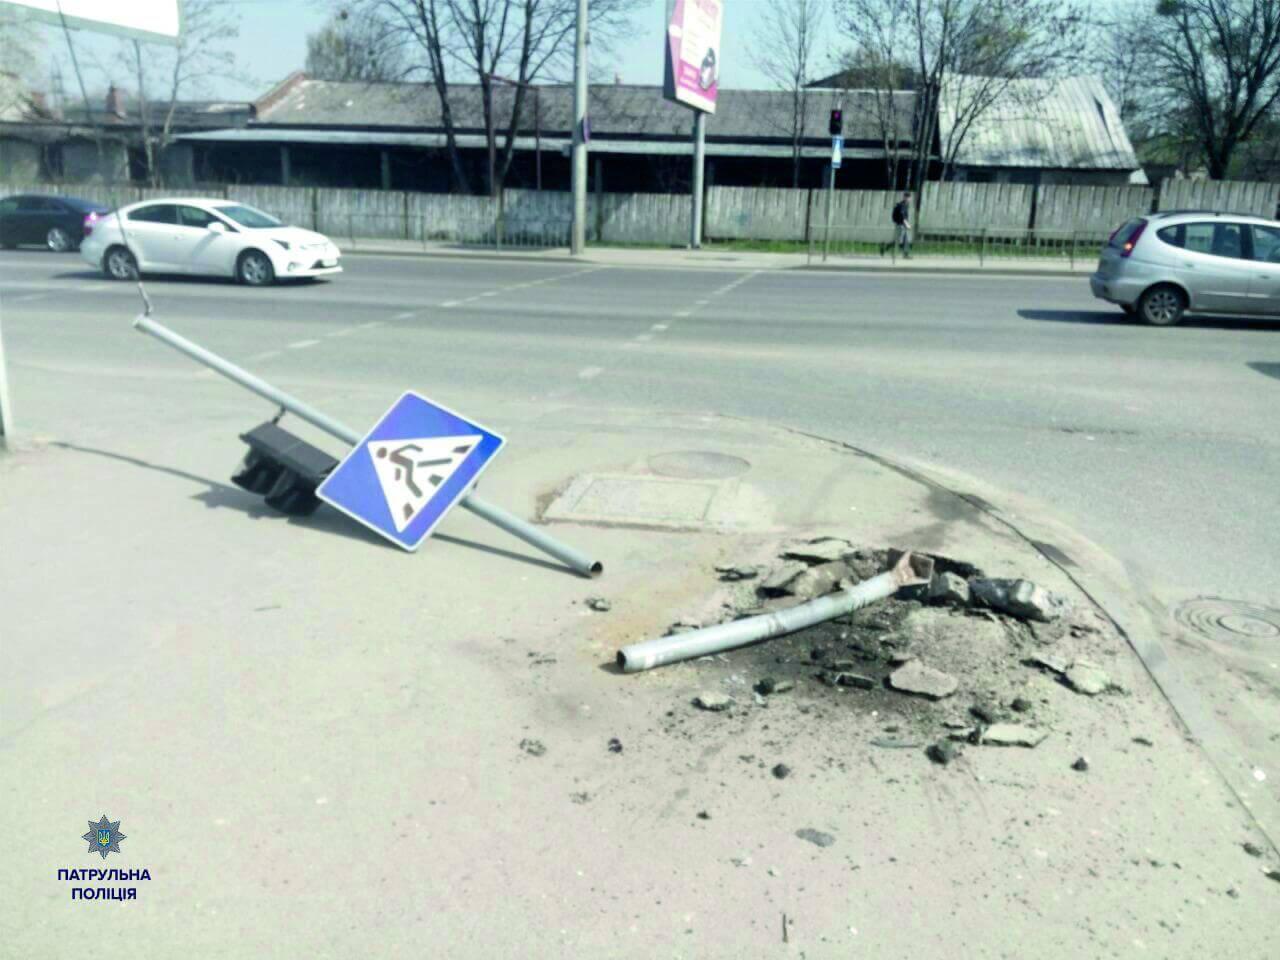 Как полицейские находят скрывшихся с места участников ДТП 1